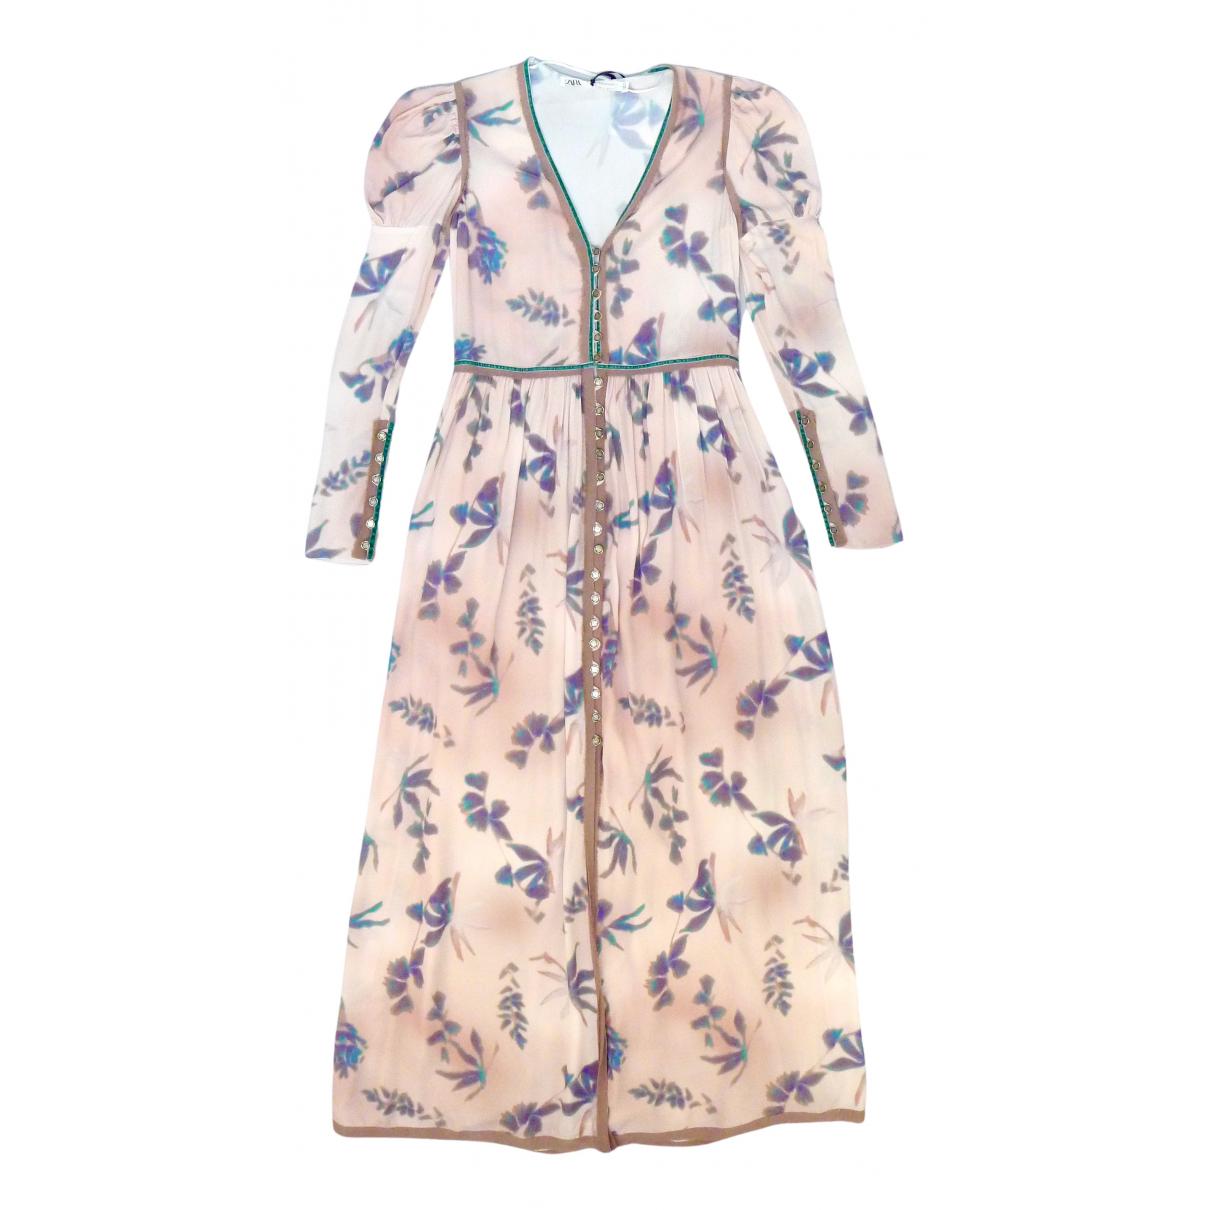 Zara \N Kleid in  Rosa Viskose